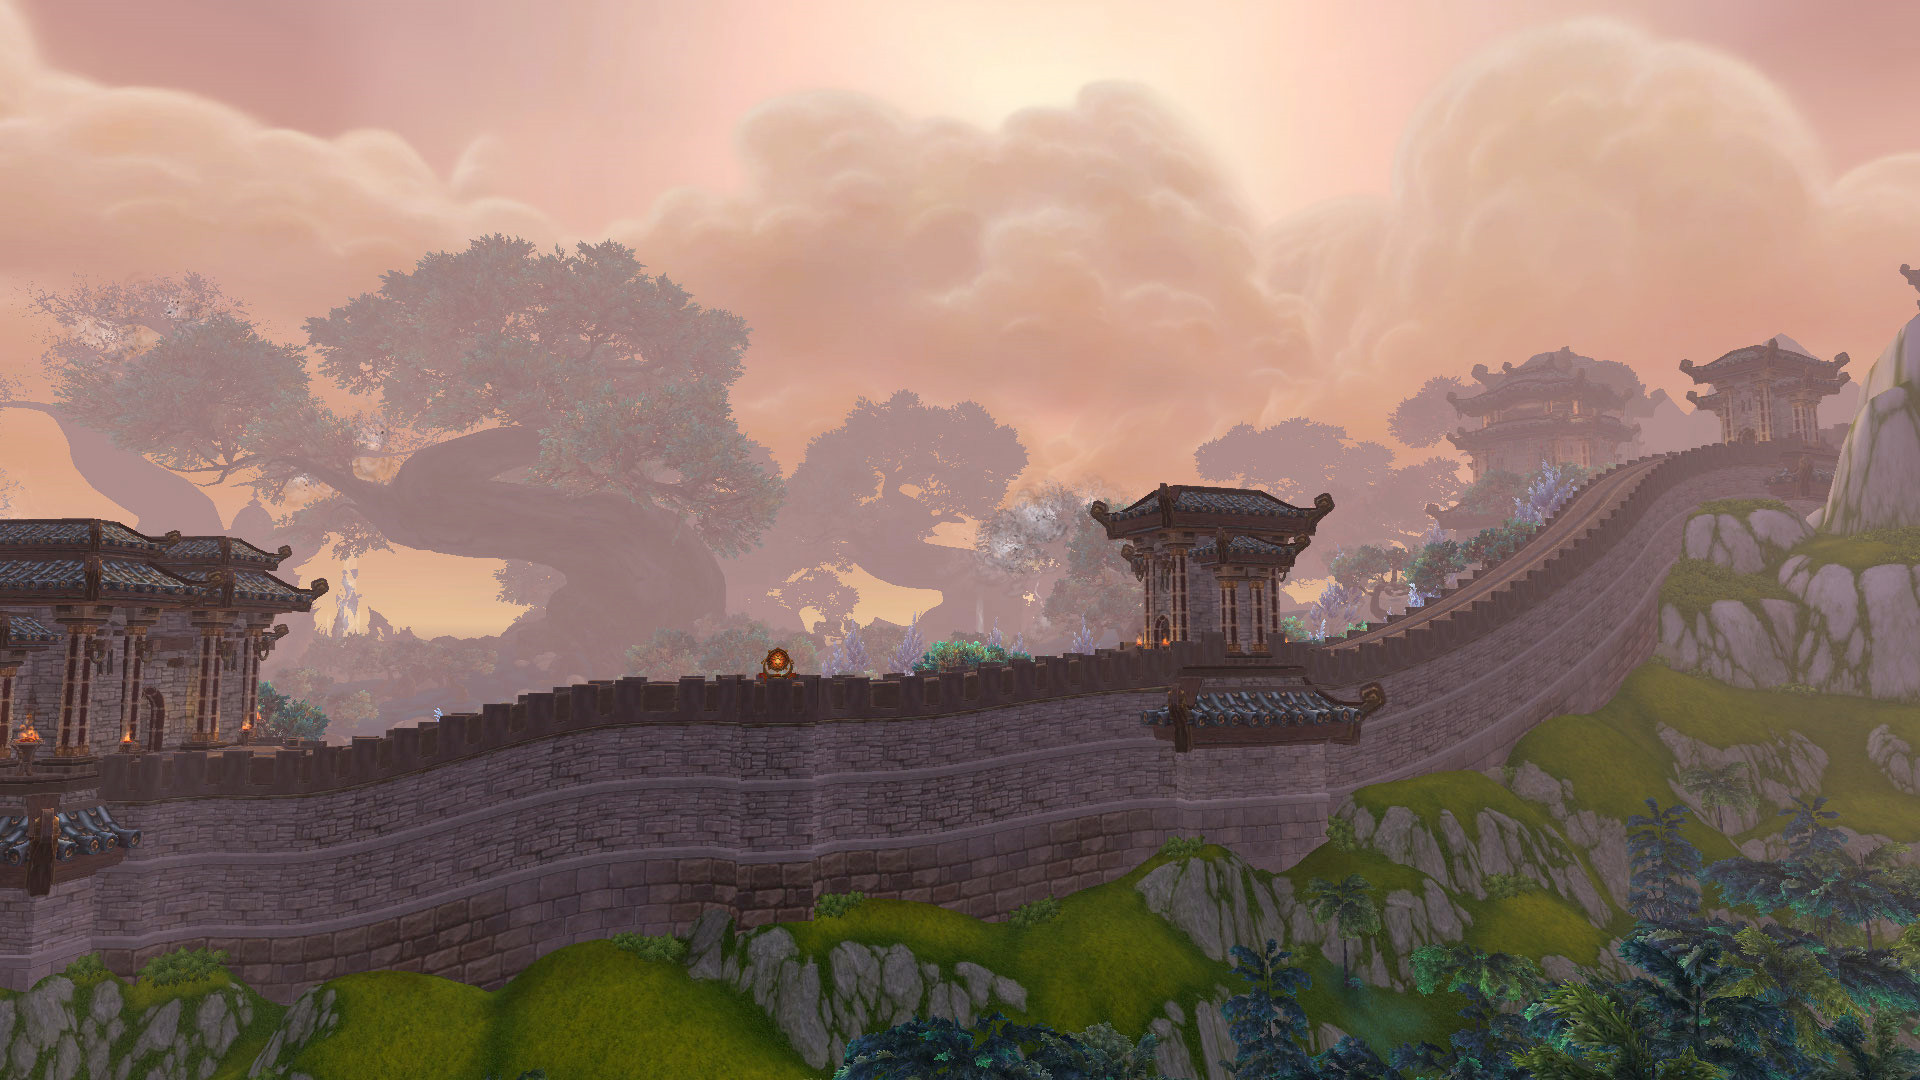 《【煜星在线娱乐注册】魔兽世界:熊猫人之谜版本有三个关于秦始皇的彩蛋》